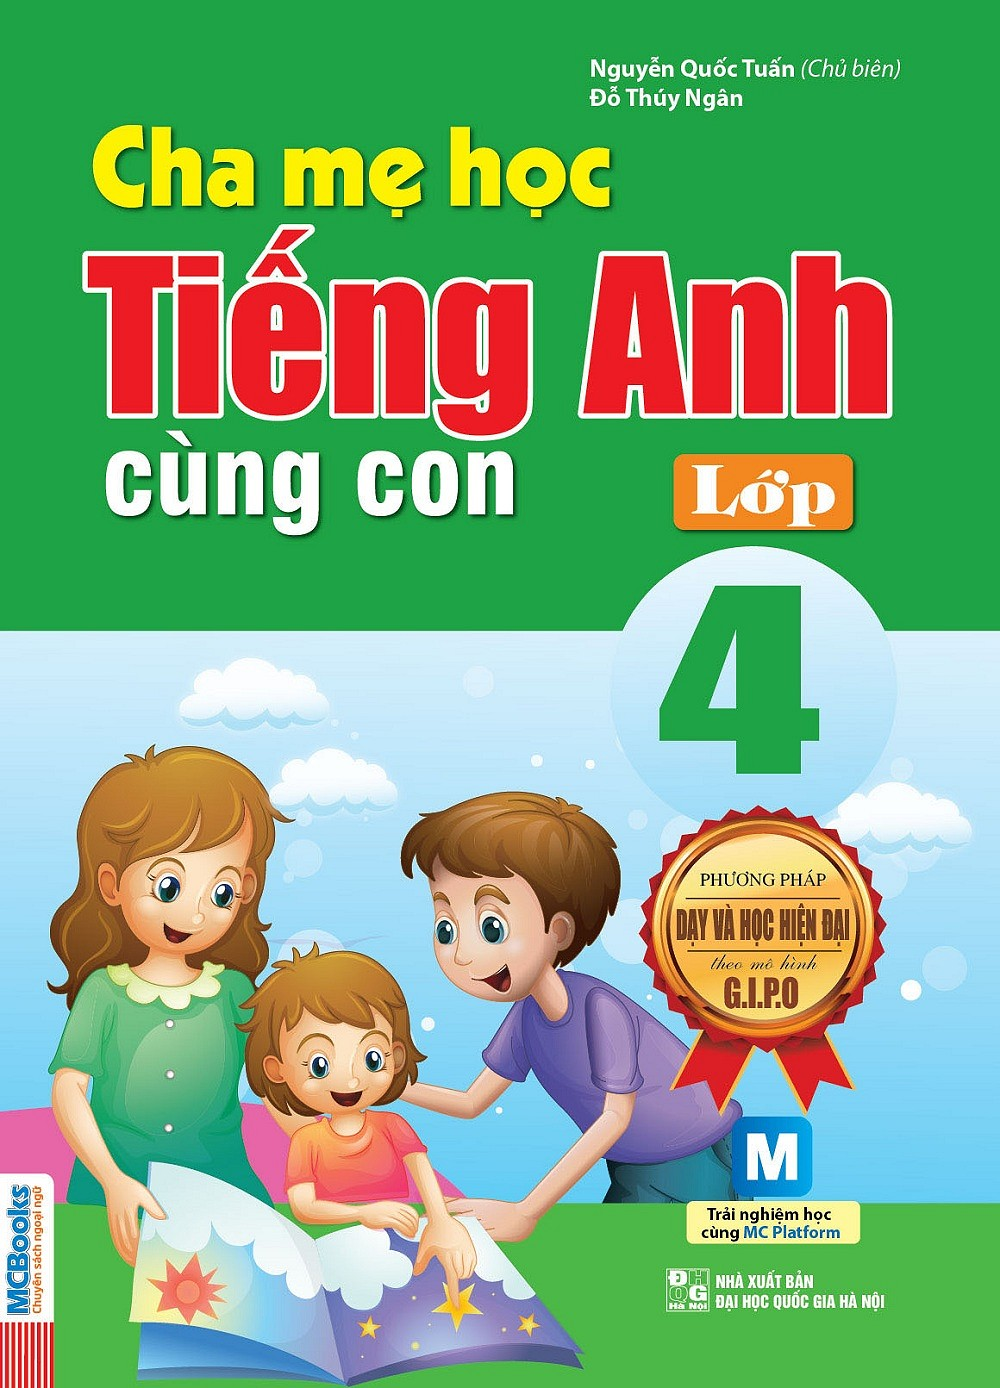 Cha Mẹ Học Tiếng Anh Cùng Con Lớp 4 - EBOOK/PDF/PRC/EPUB